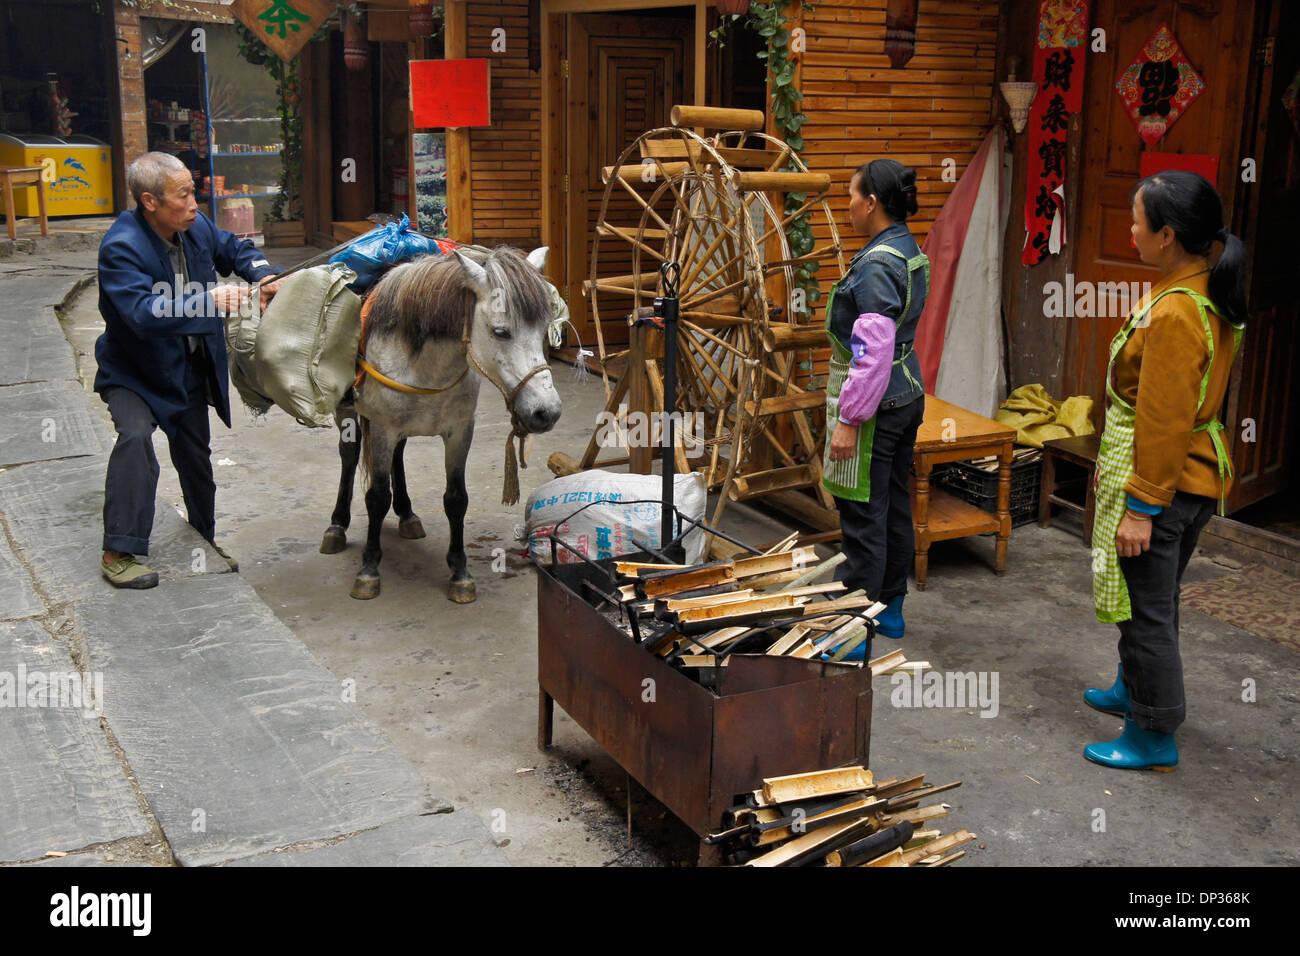 Chargement des marchandises sur l'homme, modèle de bambou waterwheel, Ping'An, Guangxi, Chine Photo Stock